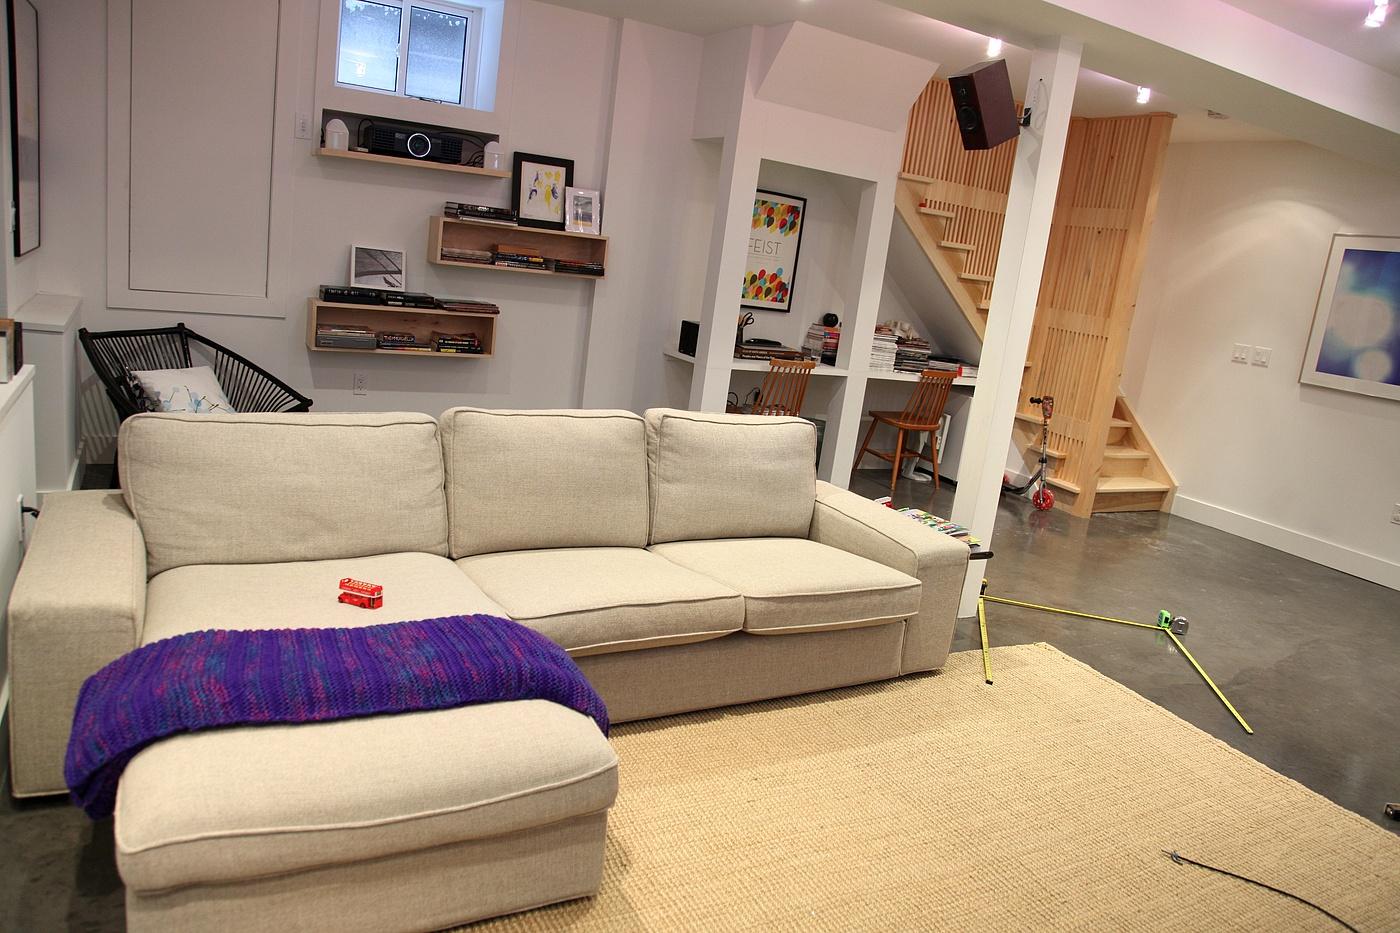 8FOOTSIX New Basement Furniture